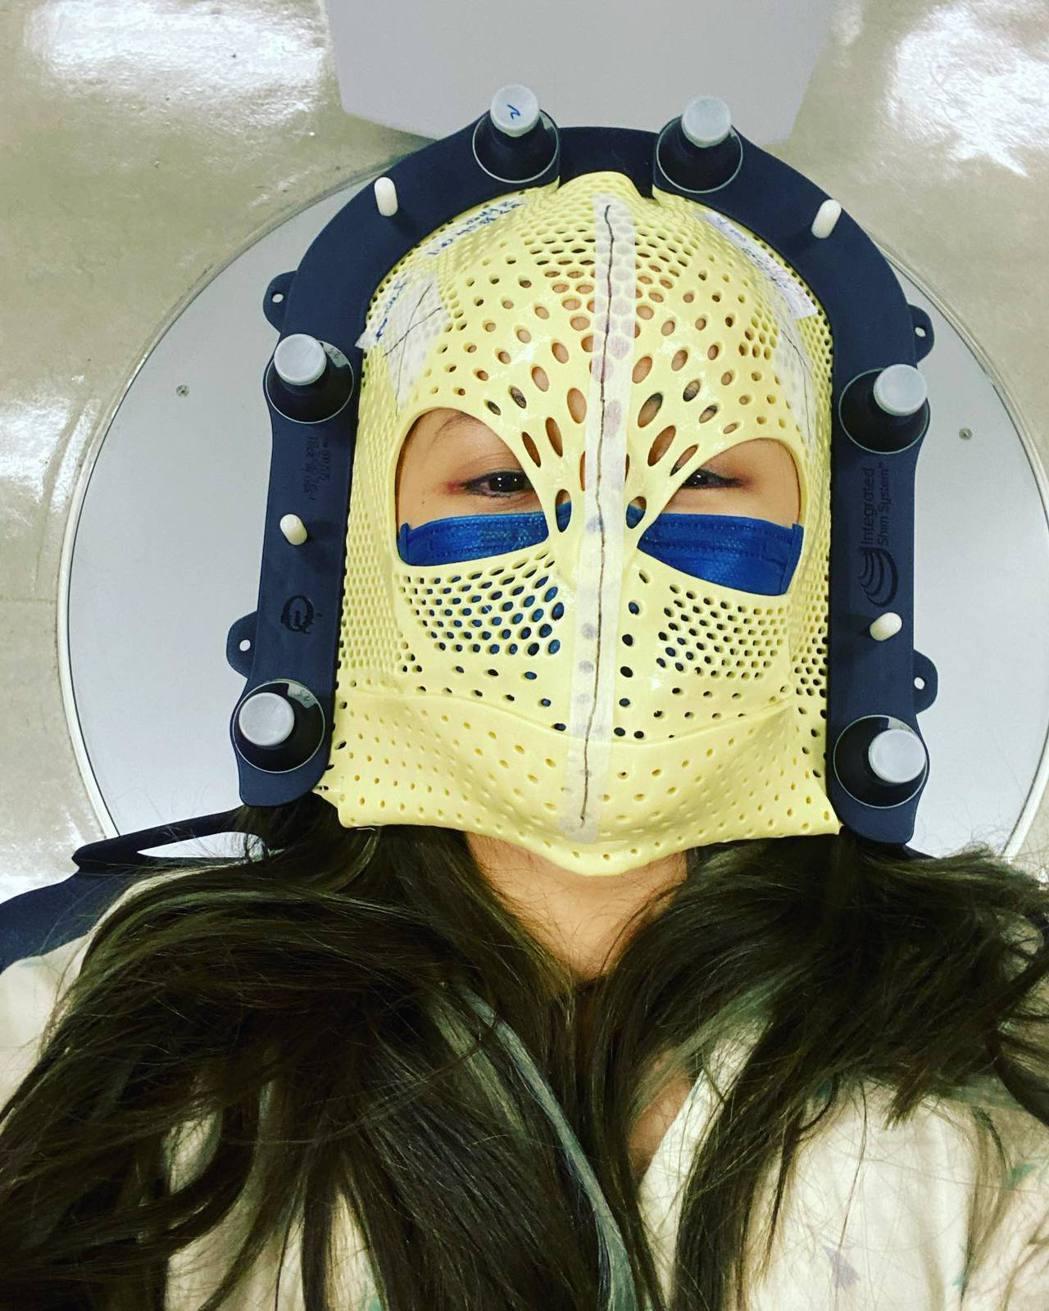 筱蕾日前分享治療戴上面罩的照片。圖/擷自臉書